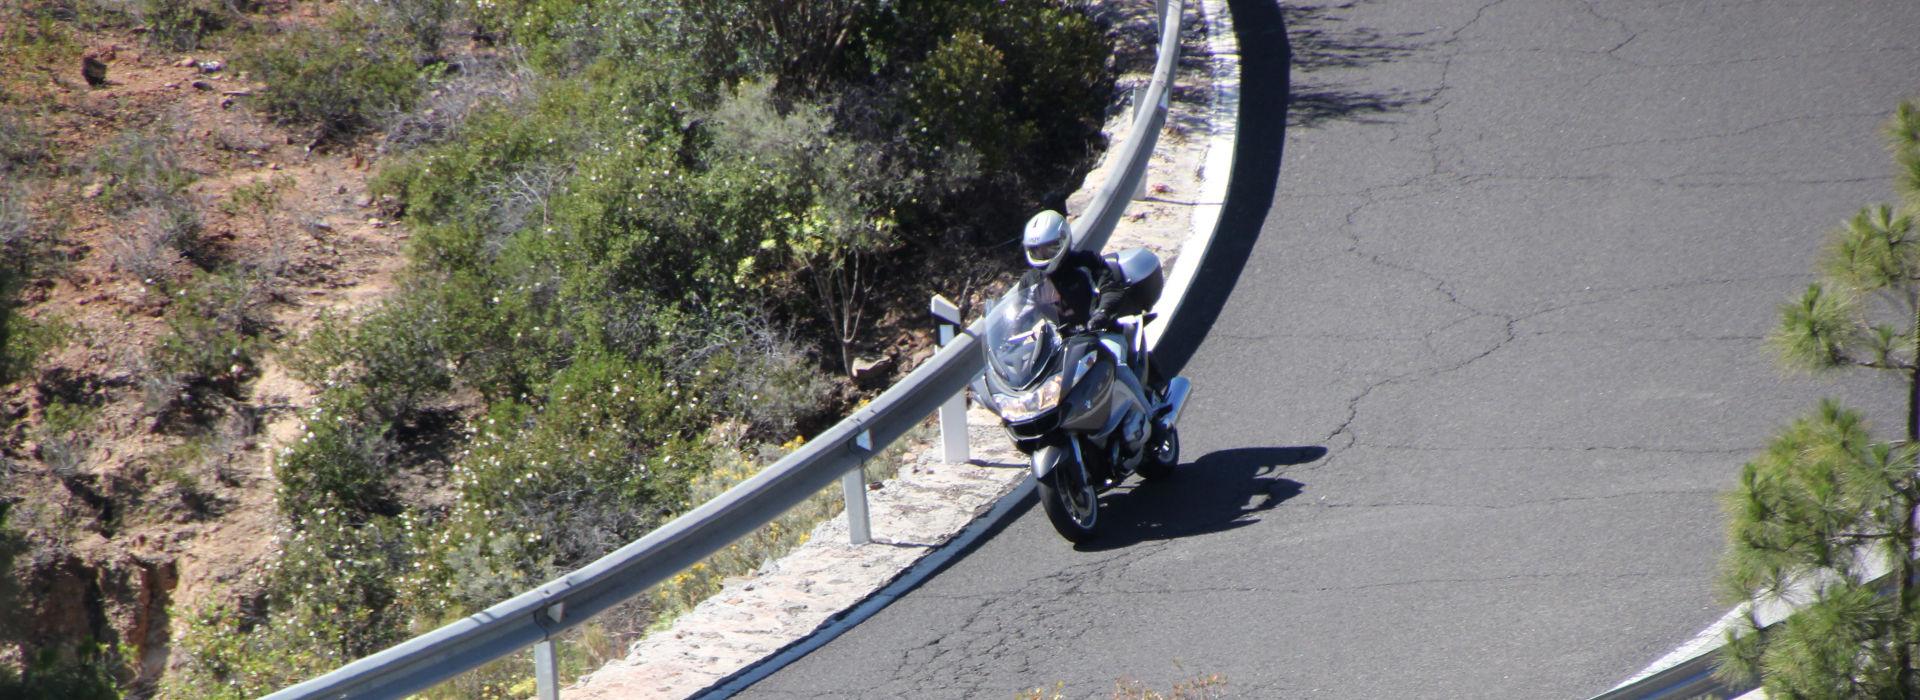 Motorrijbewijspoint Meteren spoed motorrijbewijs